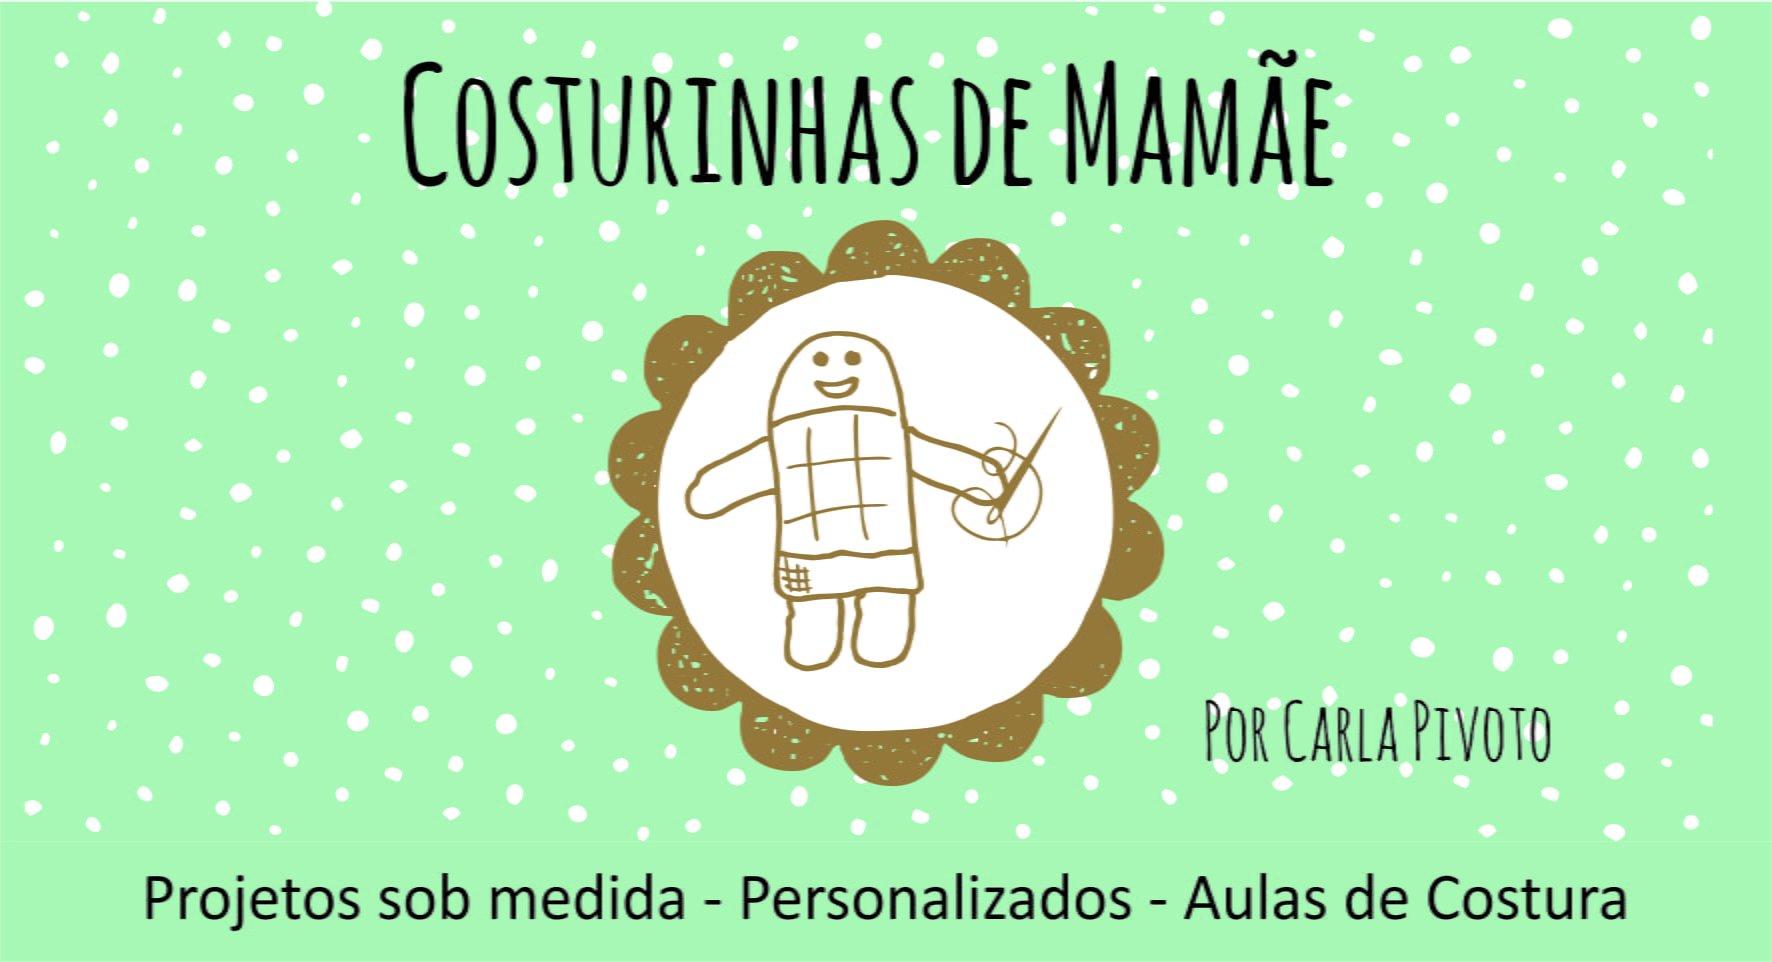 COSTURINHAS DE MAMÃE